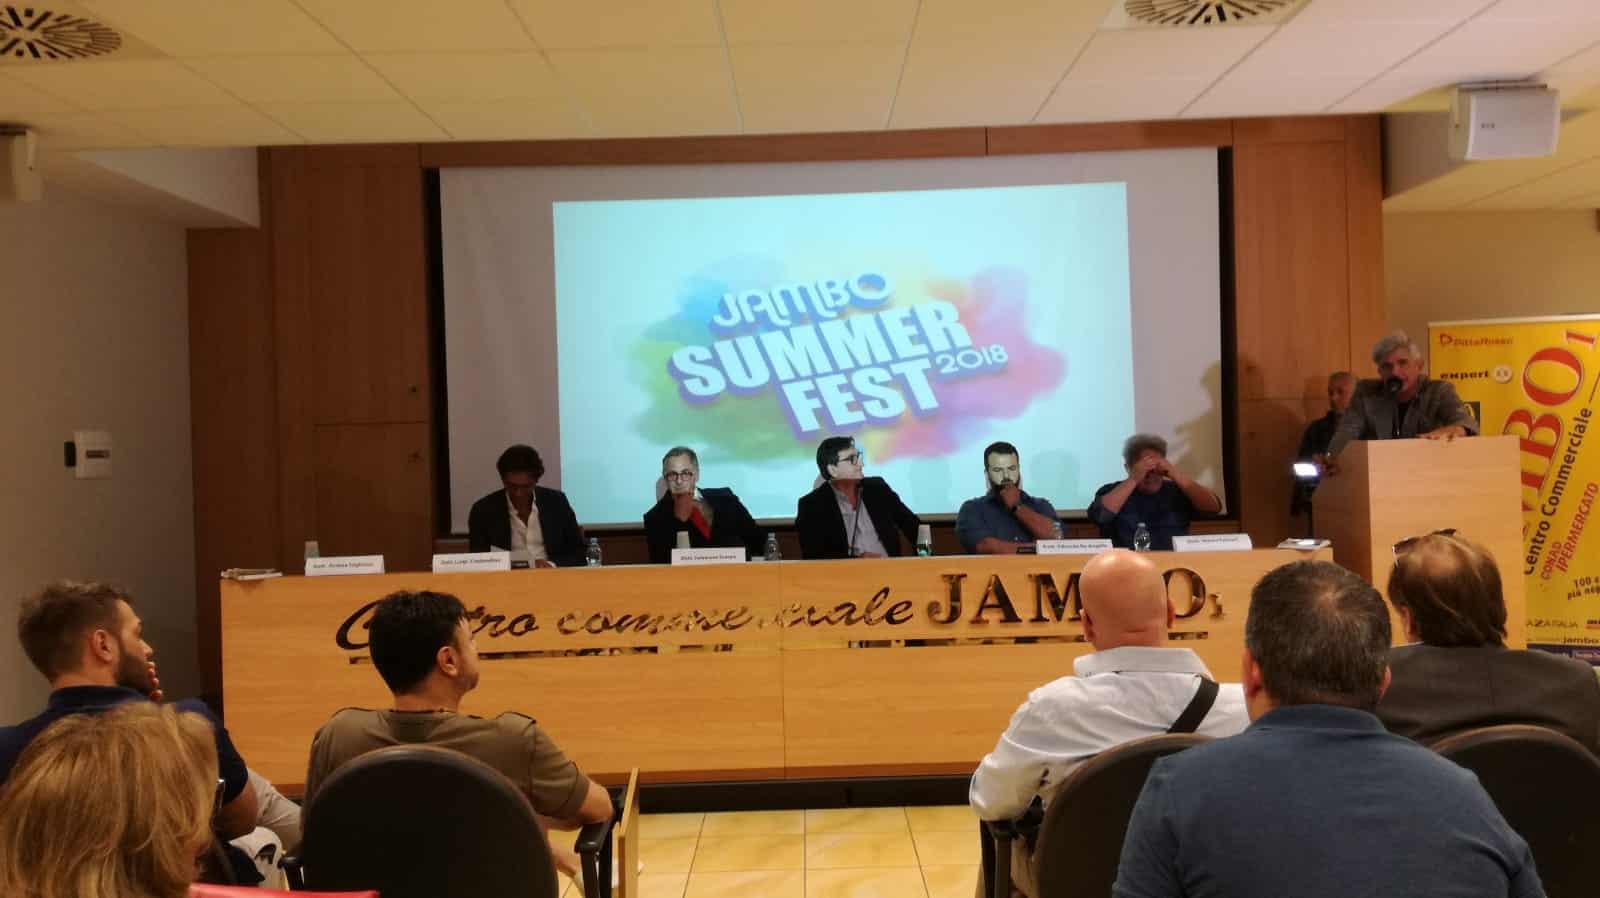 Jambo summer fest 2018